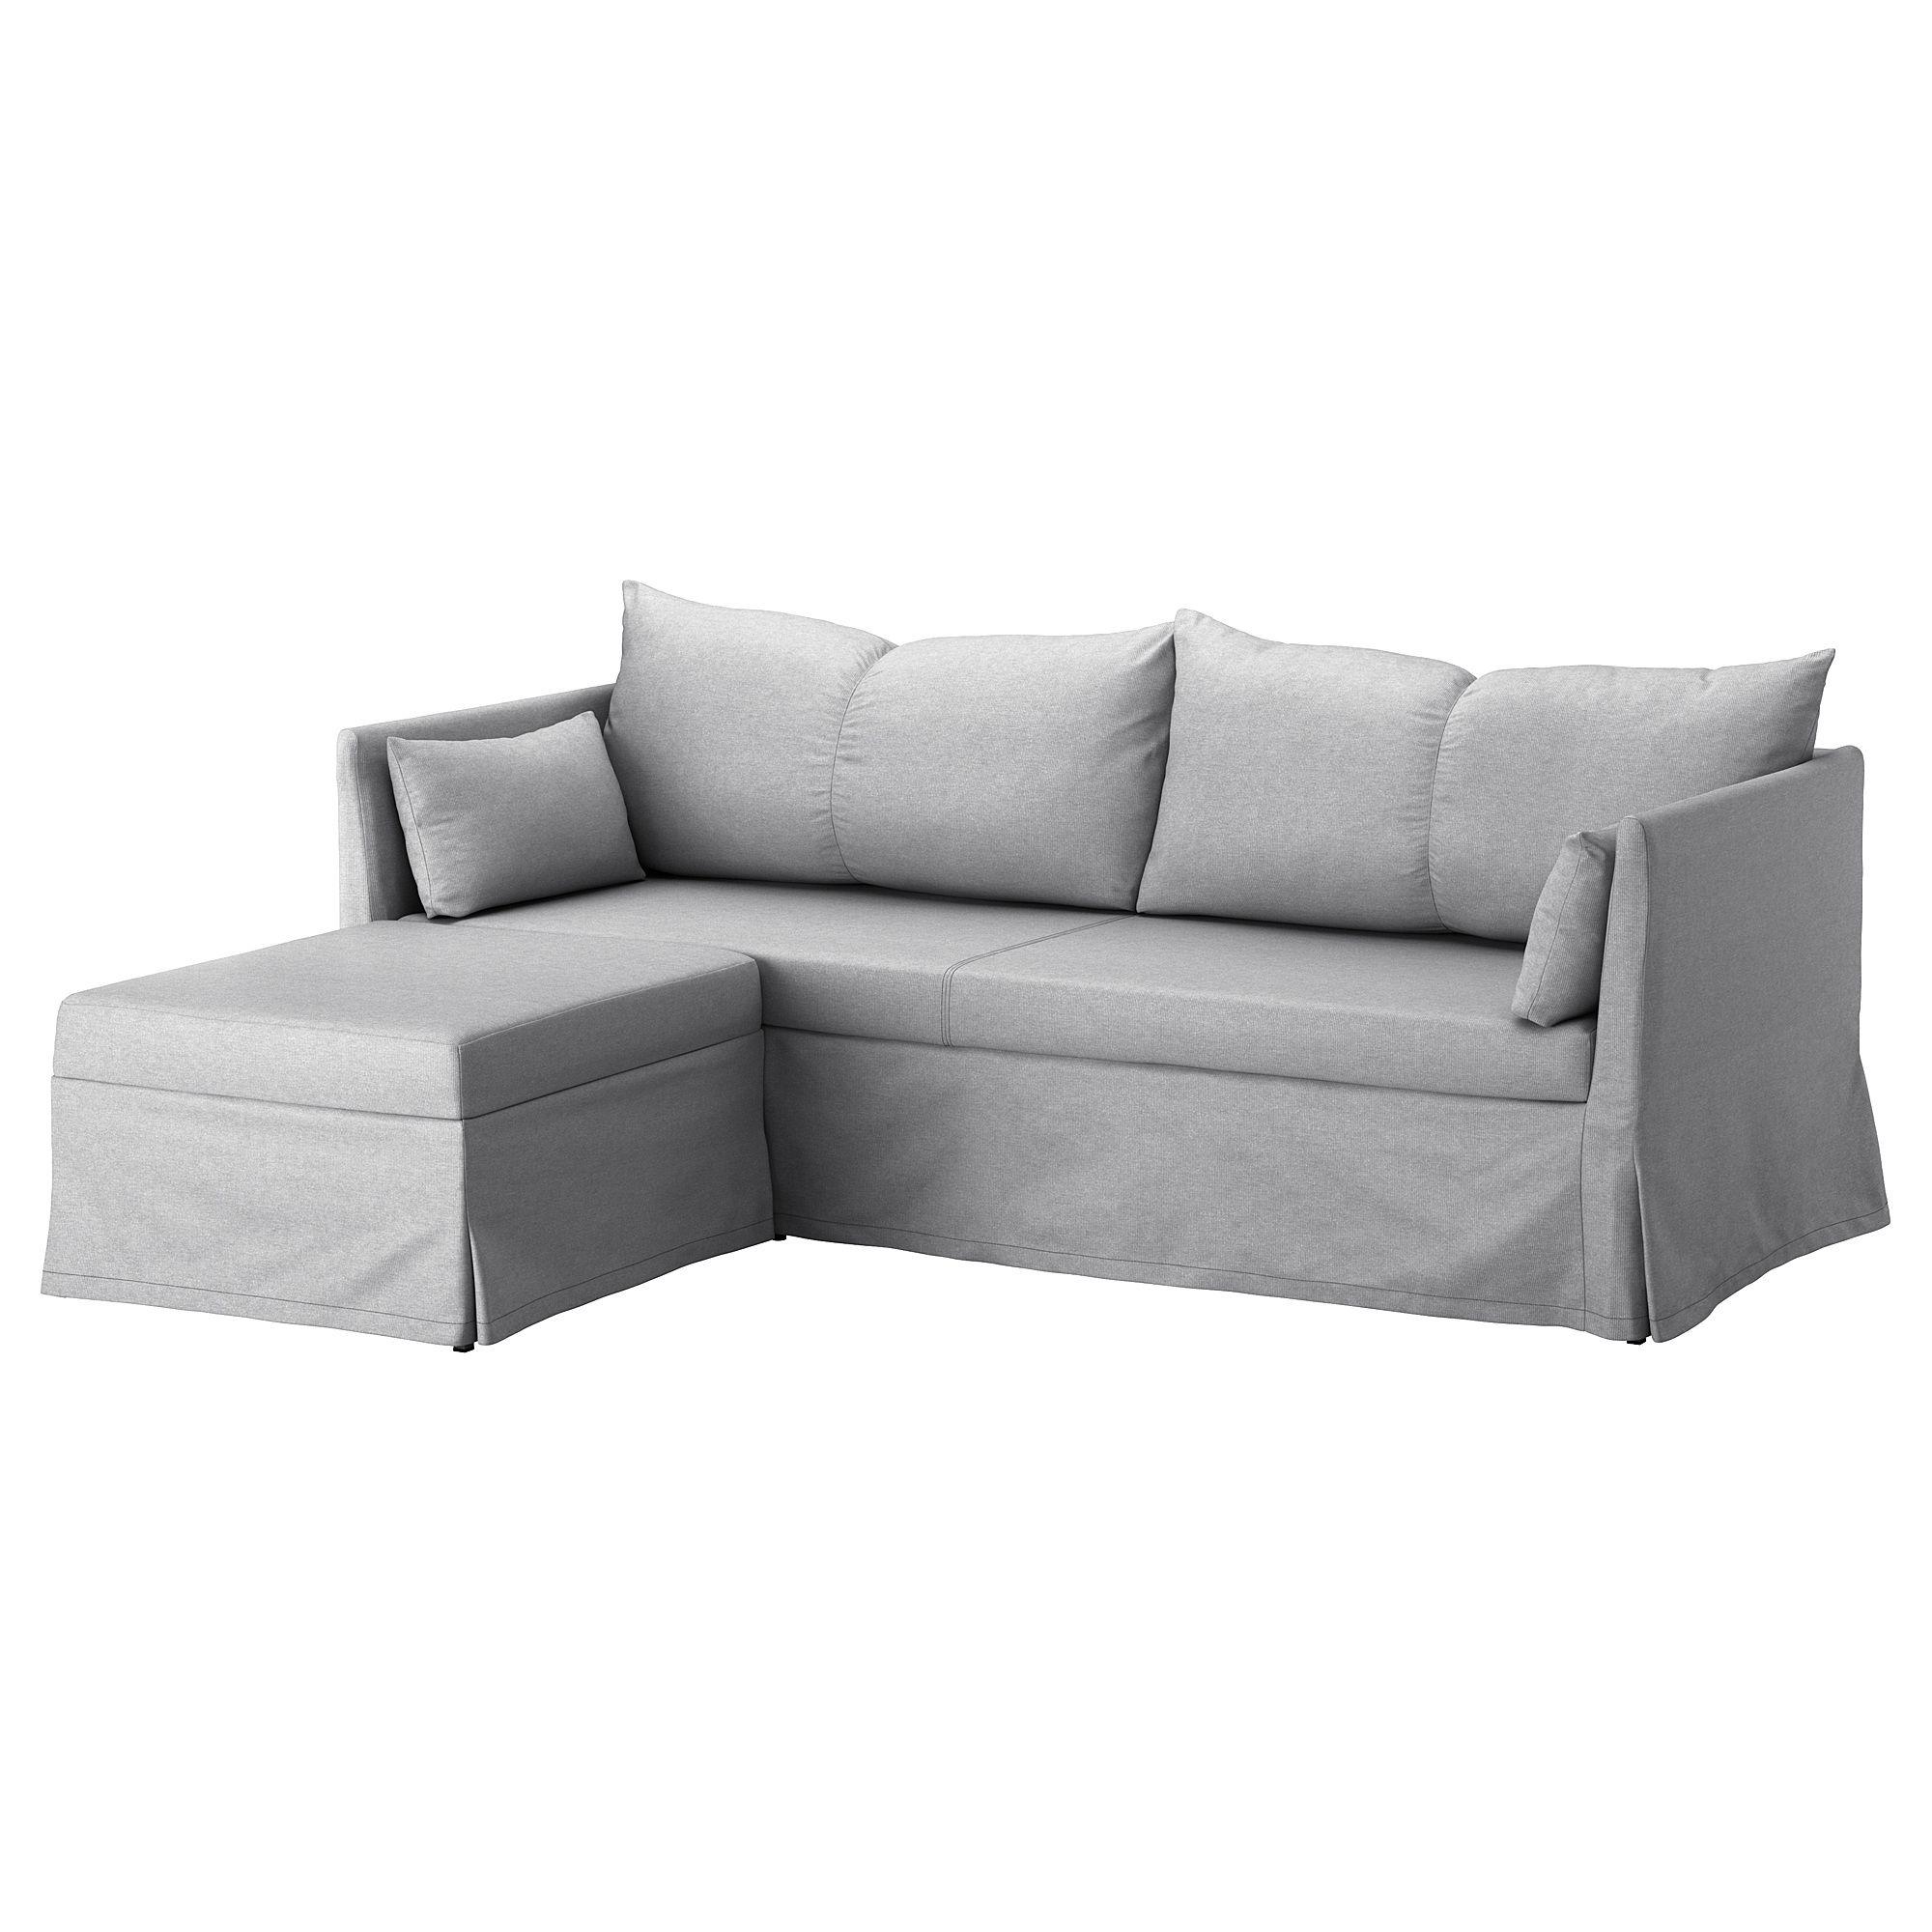 Ikea Sandbacken Corner Sofa Bed Frillestad Light Gray In